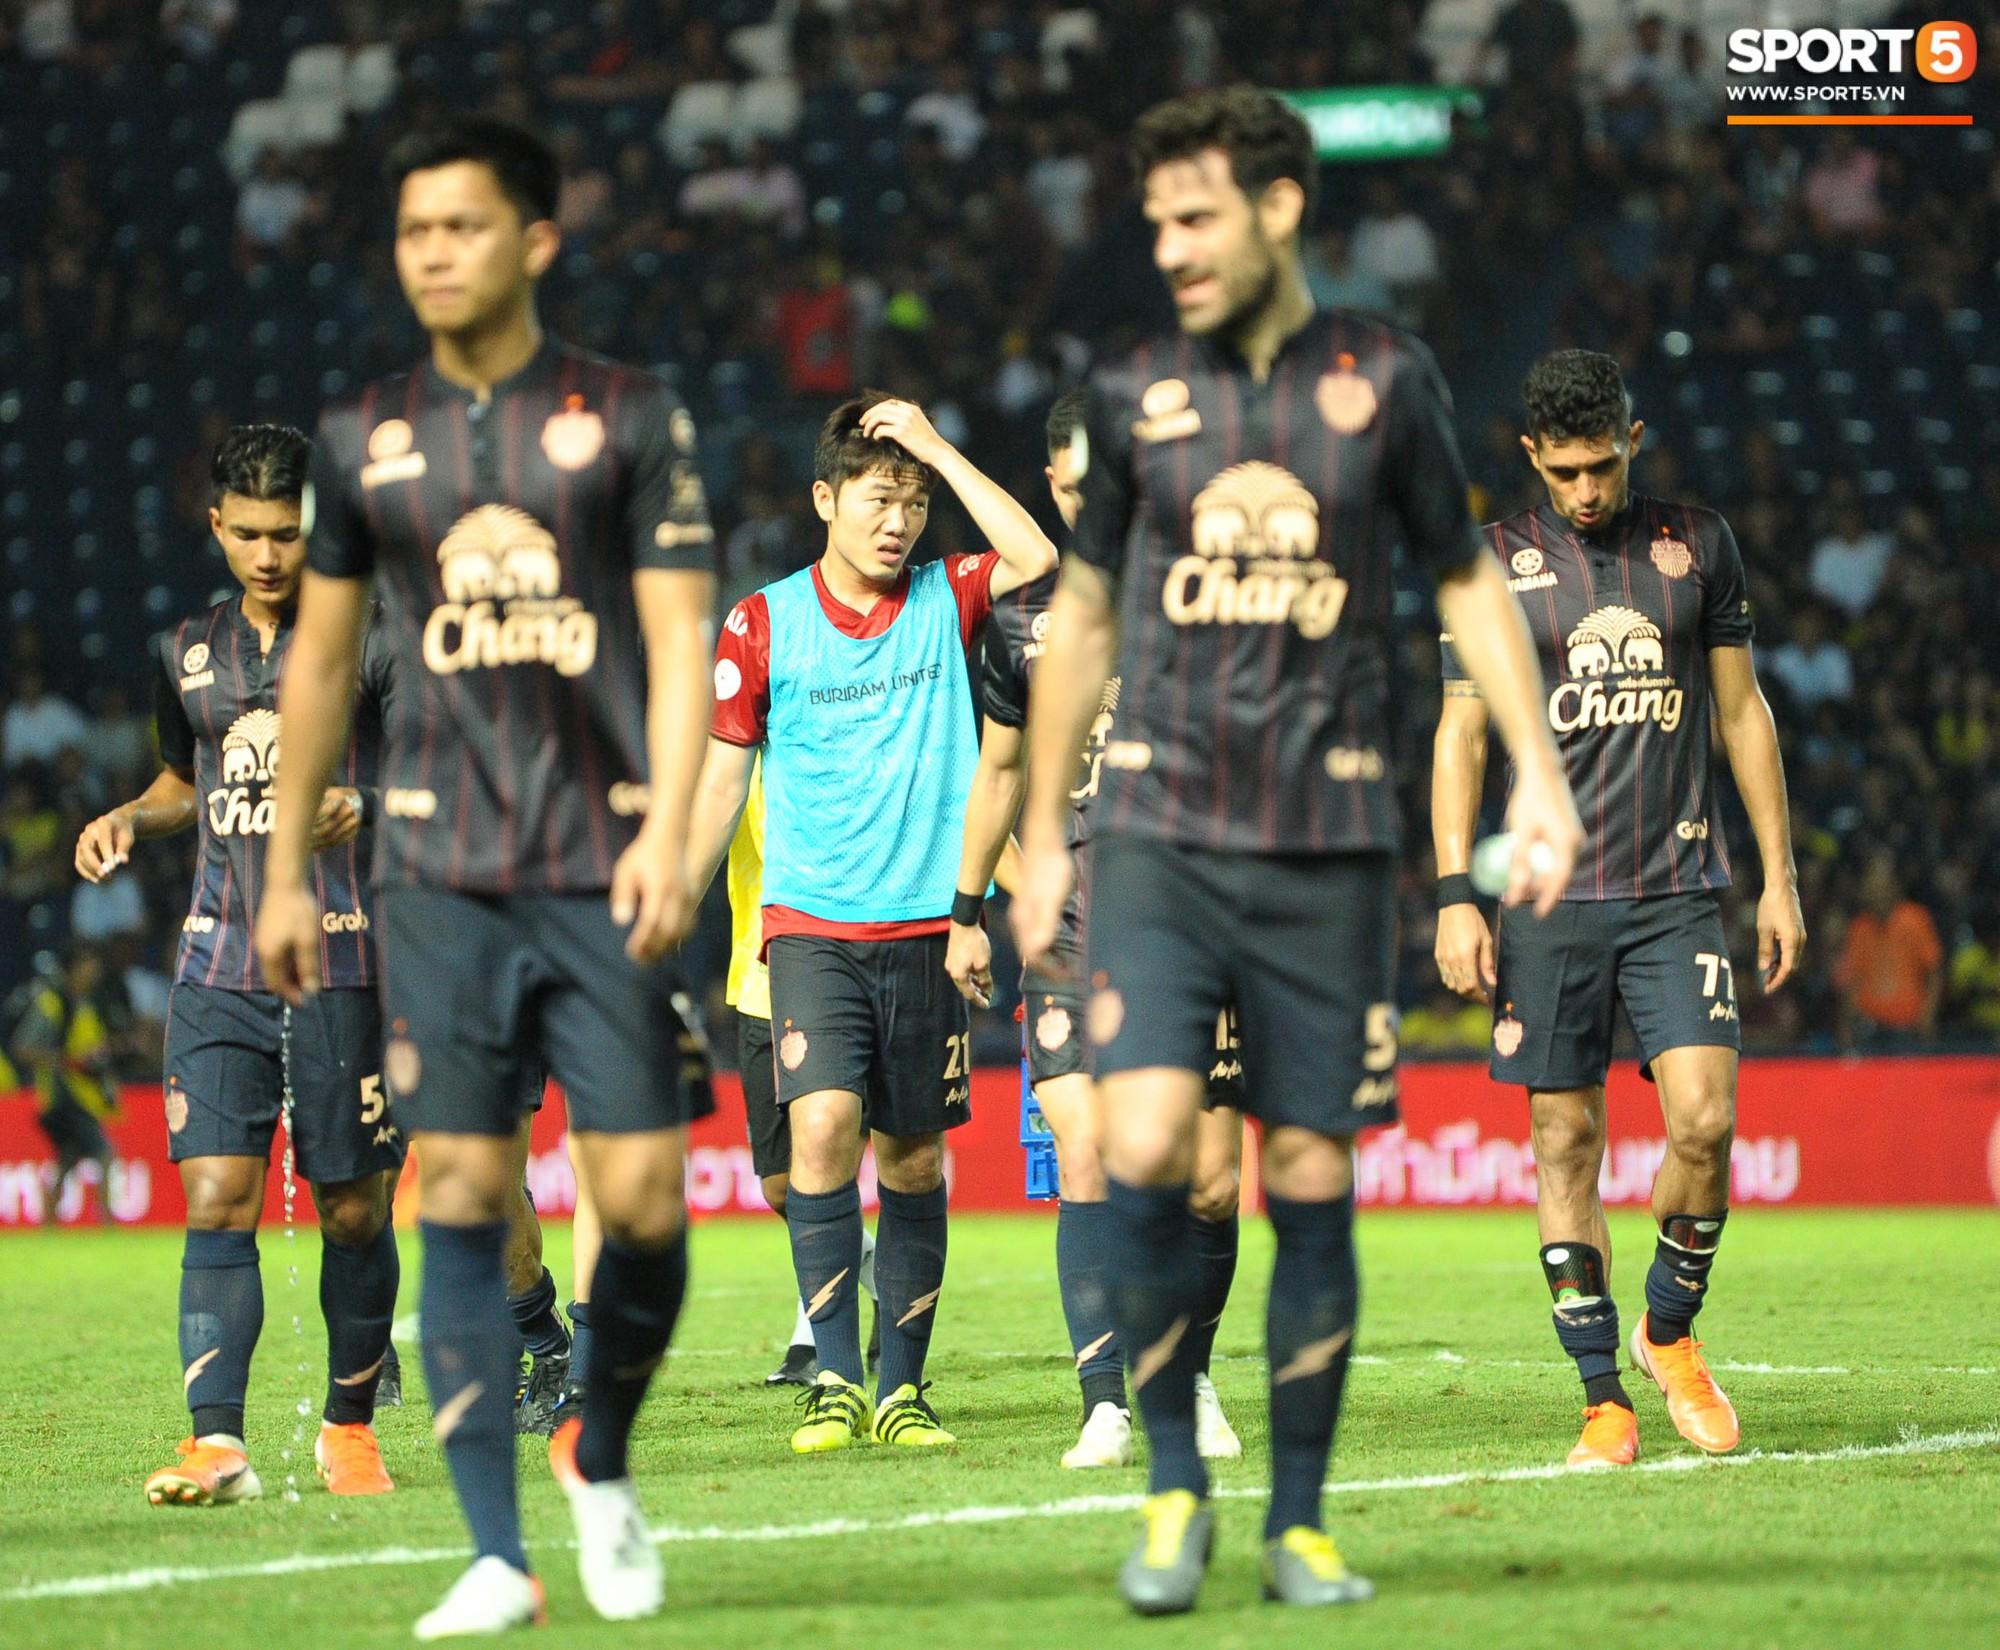 Giải mã hành động Xuân Trường cởi áo sau trận thắng đội bóng của Văn Lâm - Ảnh 7.